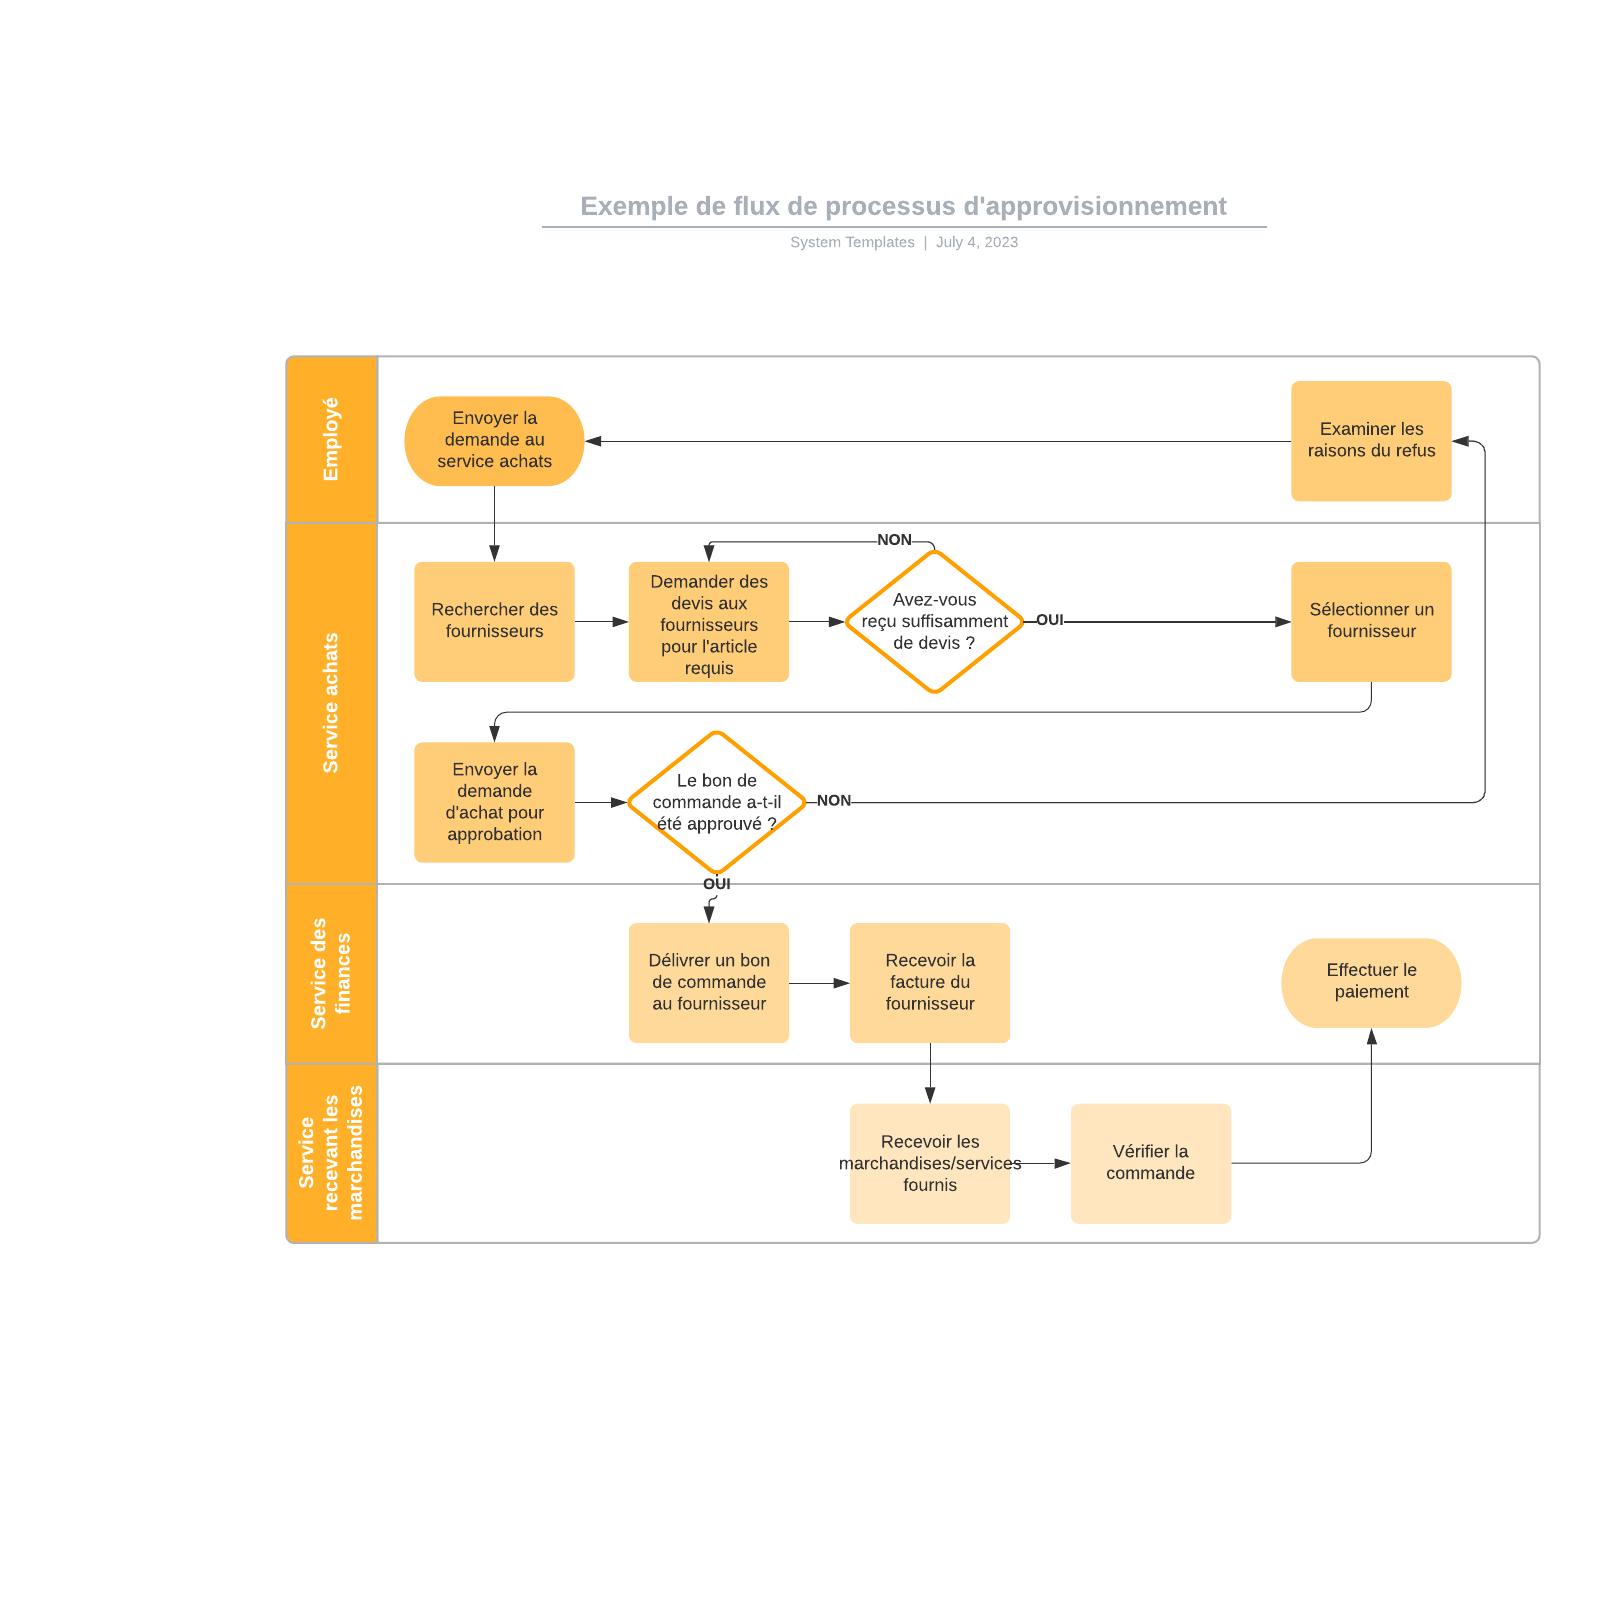 exemple de flux de processus d'approvisionnement